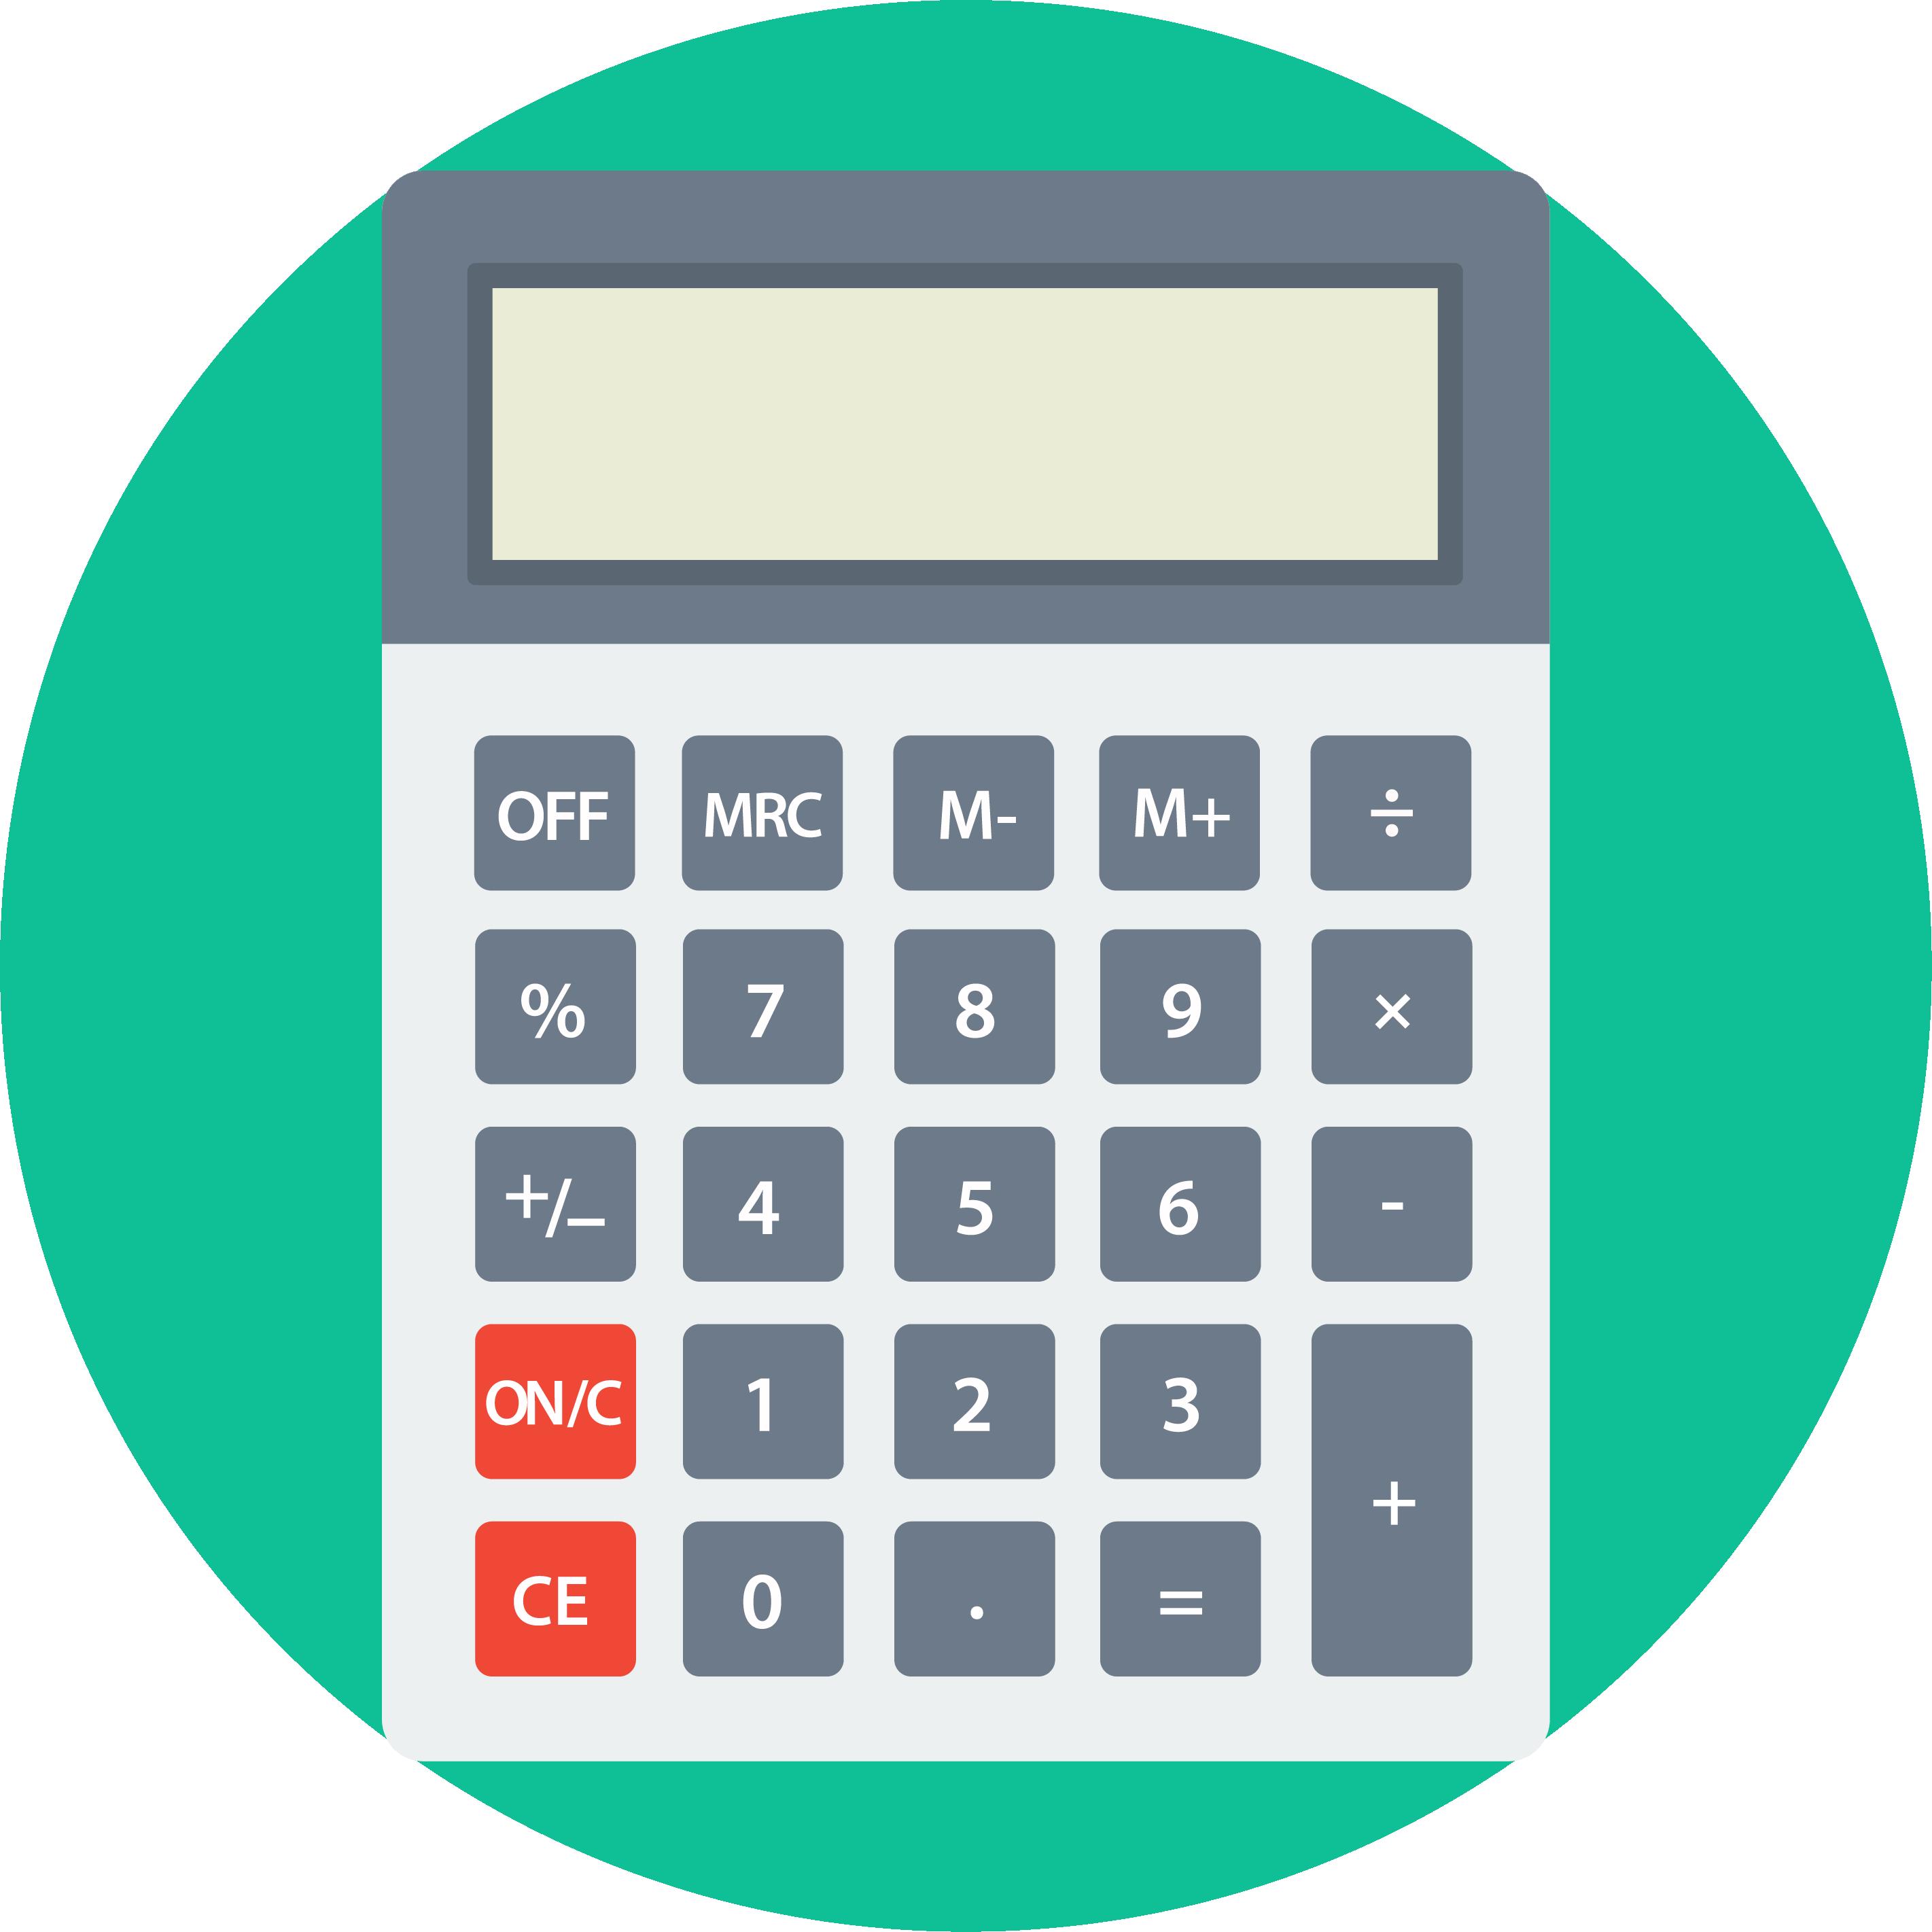 orçamento online Pontomais